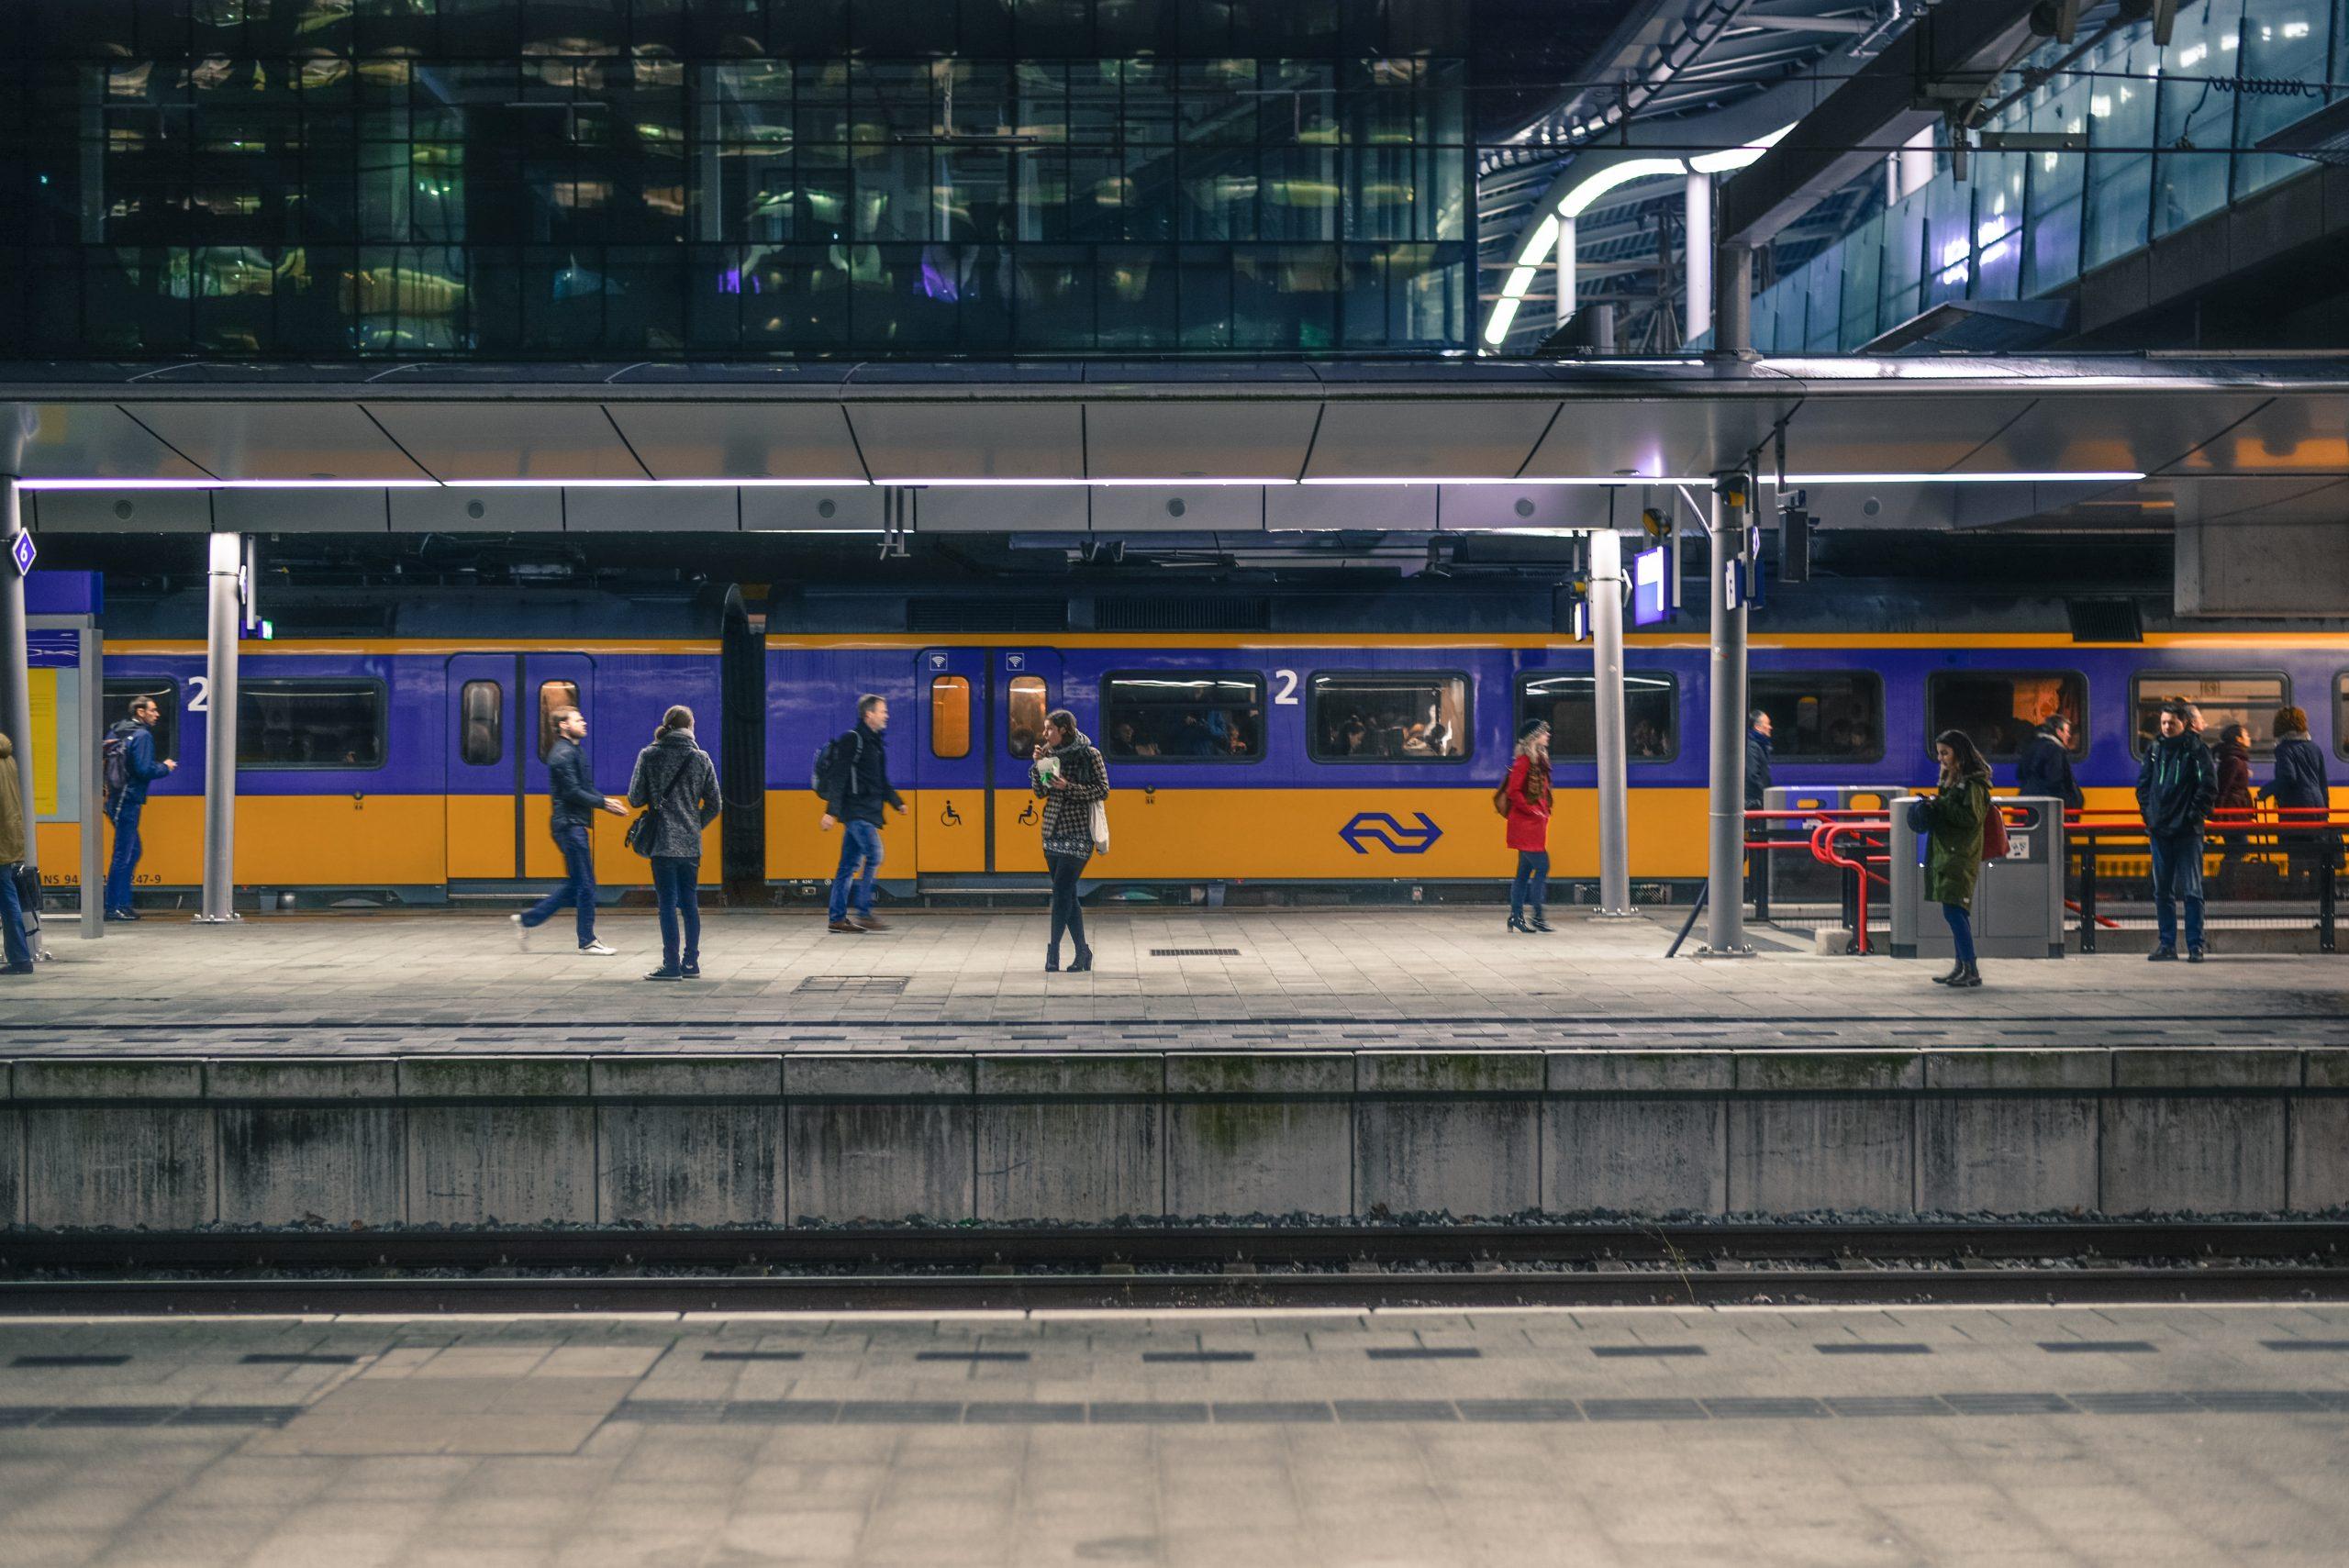 Met de trein met kinderen